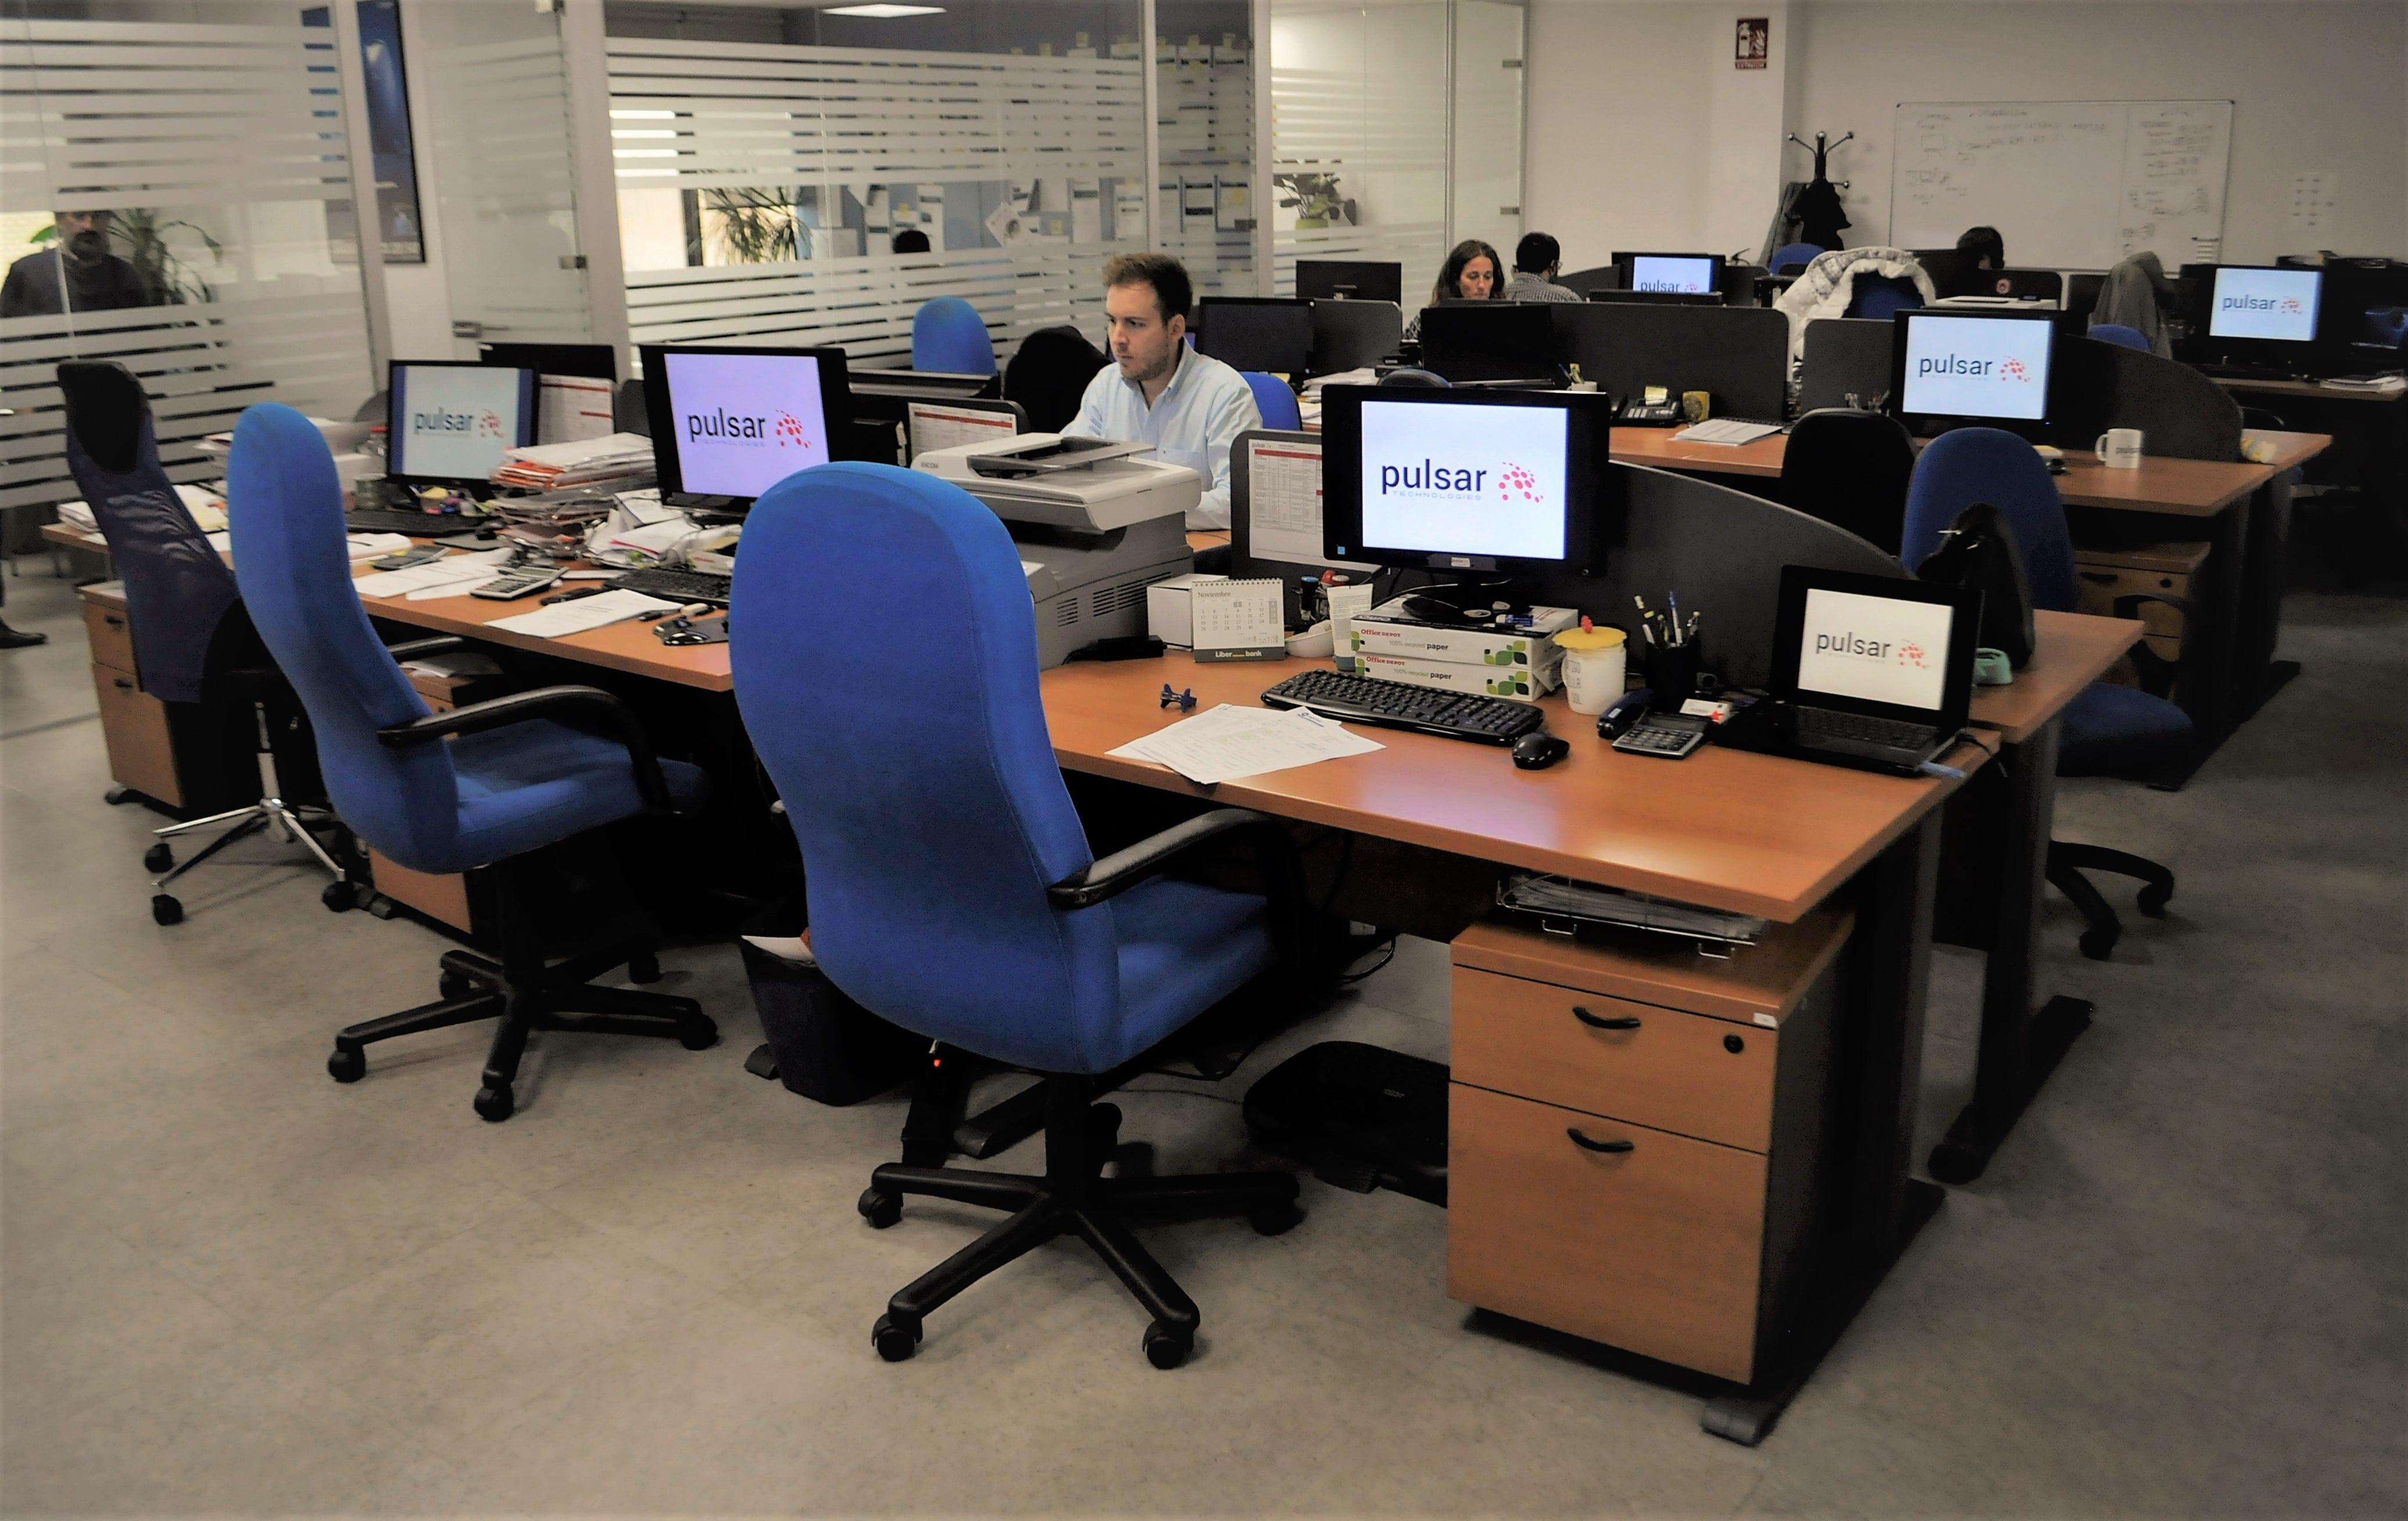 gente trabajando en sus mesas en la oficina